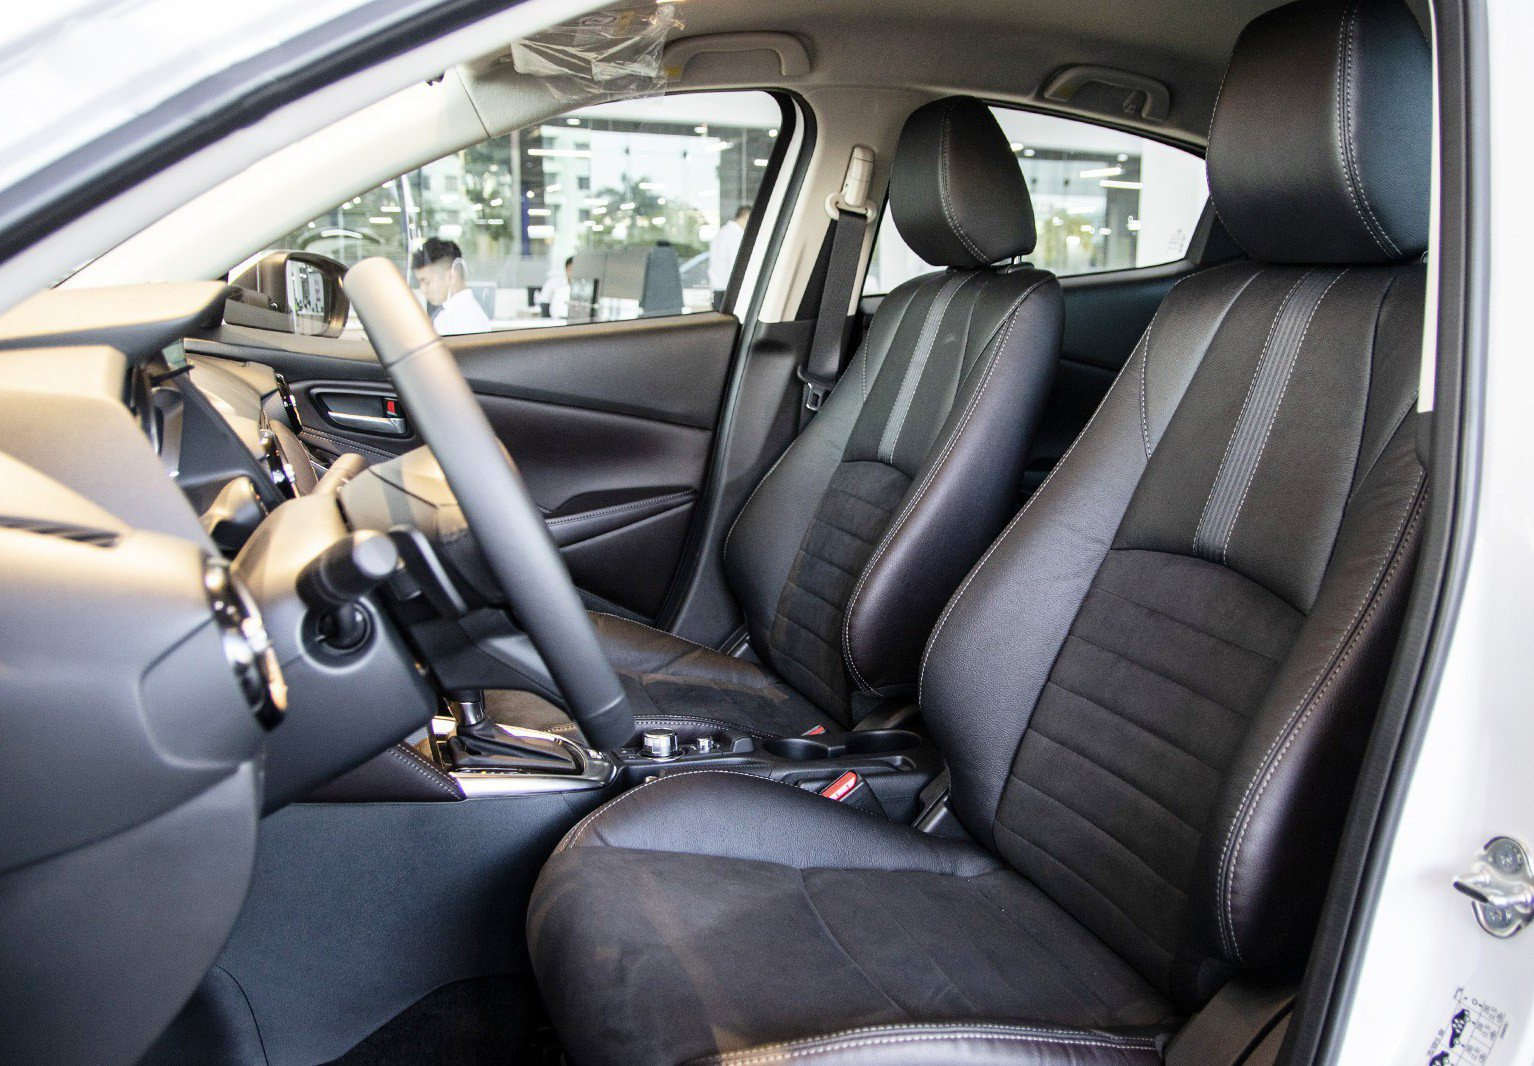 Ảnh chụp ghế trước xe Mazda 2 2019-2020